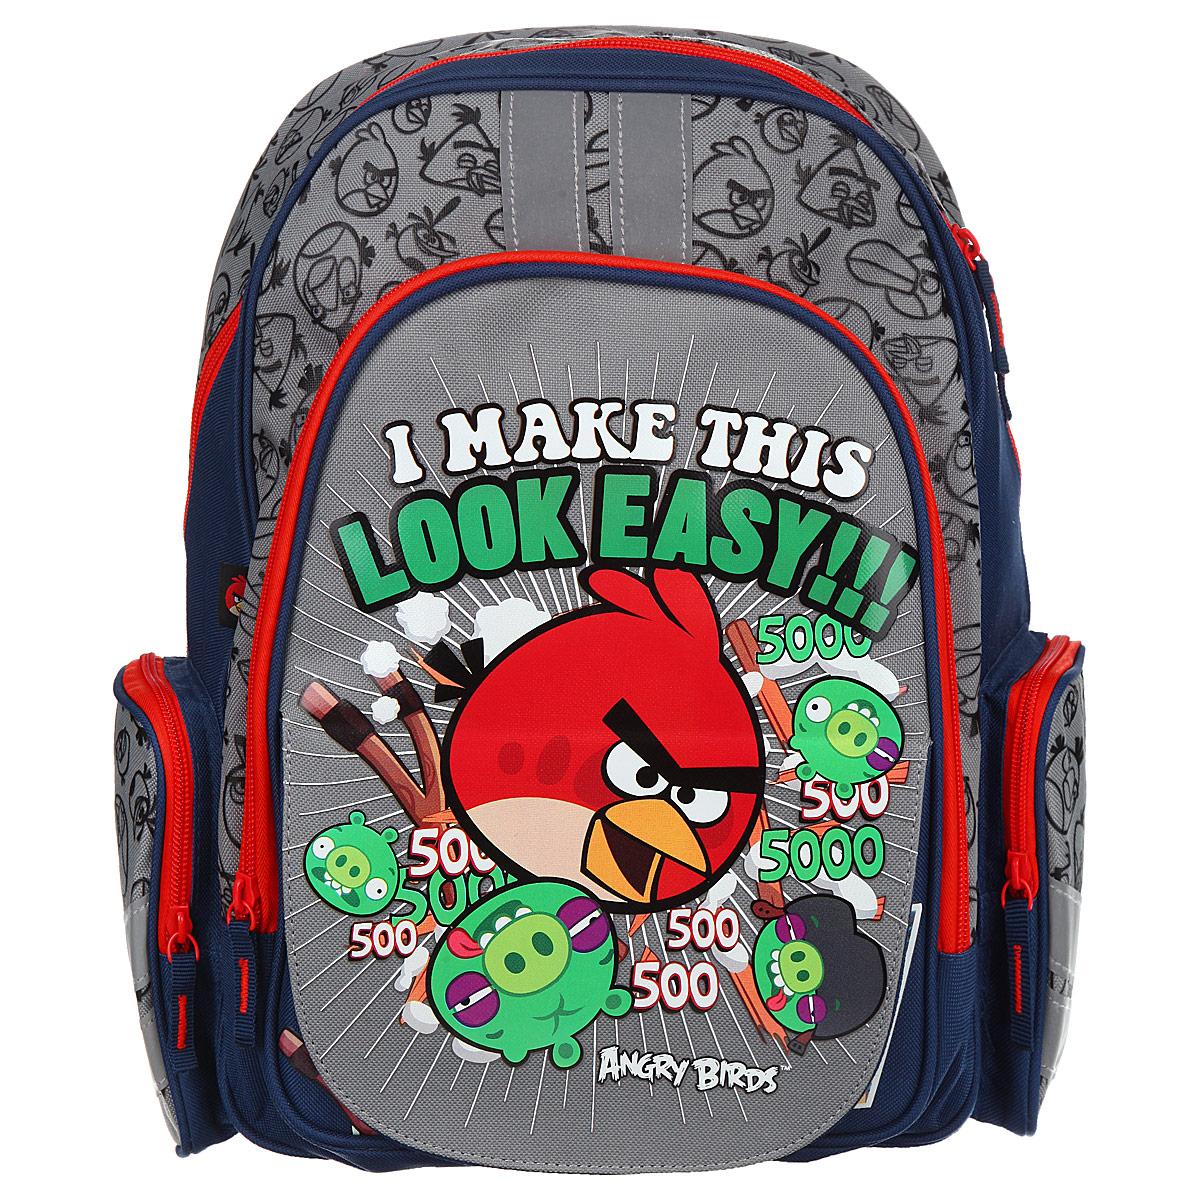 Рюкзак детский Академия Групп Angry Birds, цвет: серый, синий, красный. ABBB-UT1-836M академия групп пенал с точилками angry birds